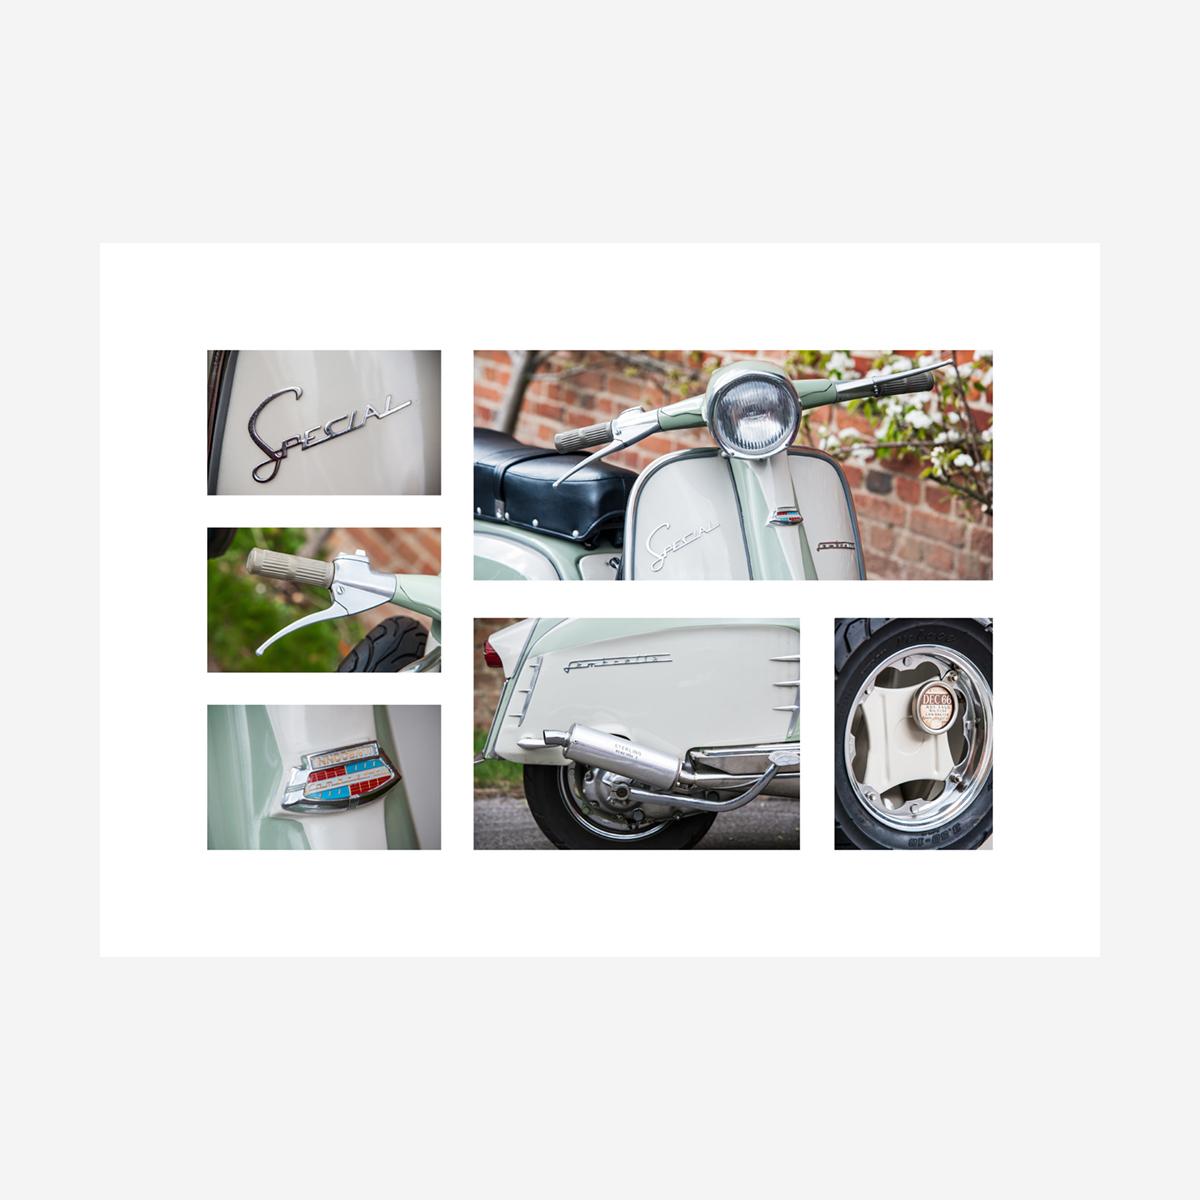 Lambretta Li 150 Details - 28x20.jpg